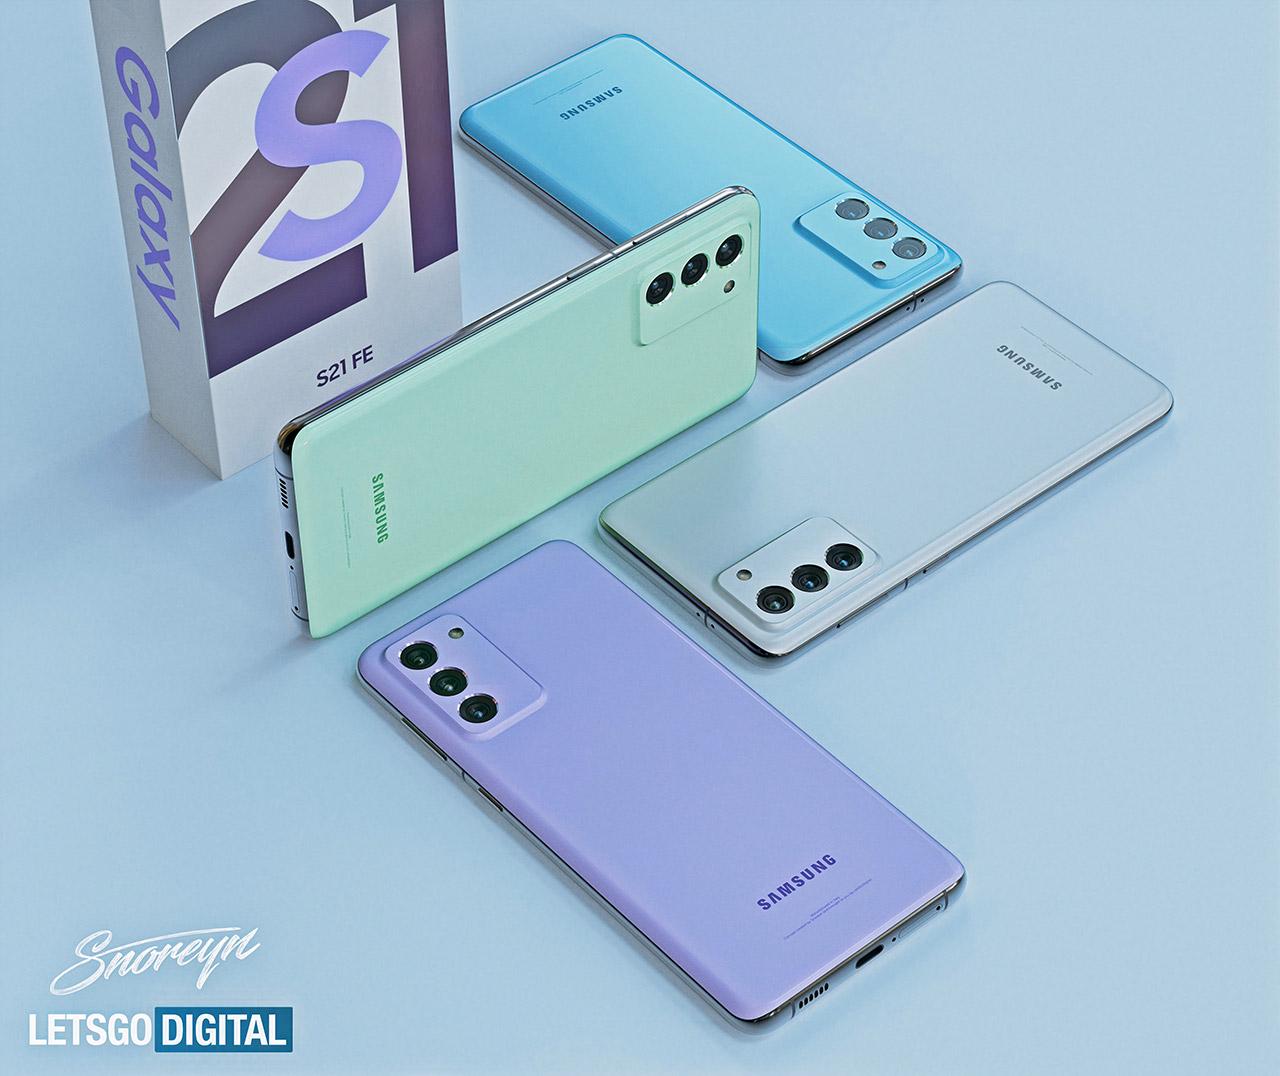 Samsung Galaxy S21 FE Fan Edition